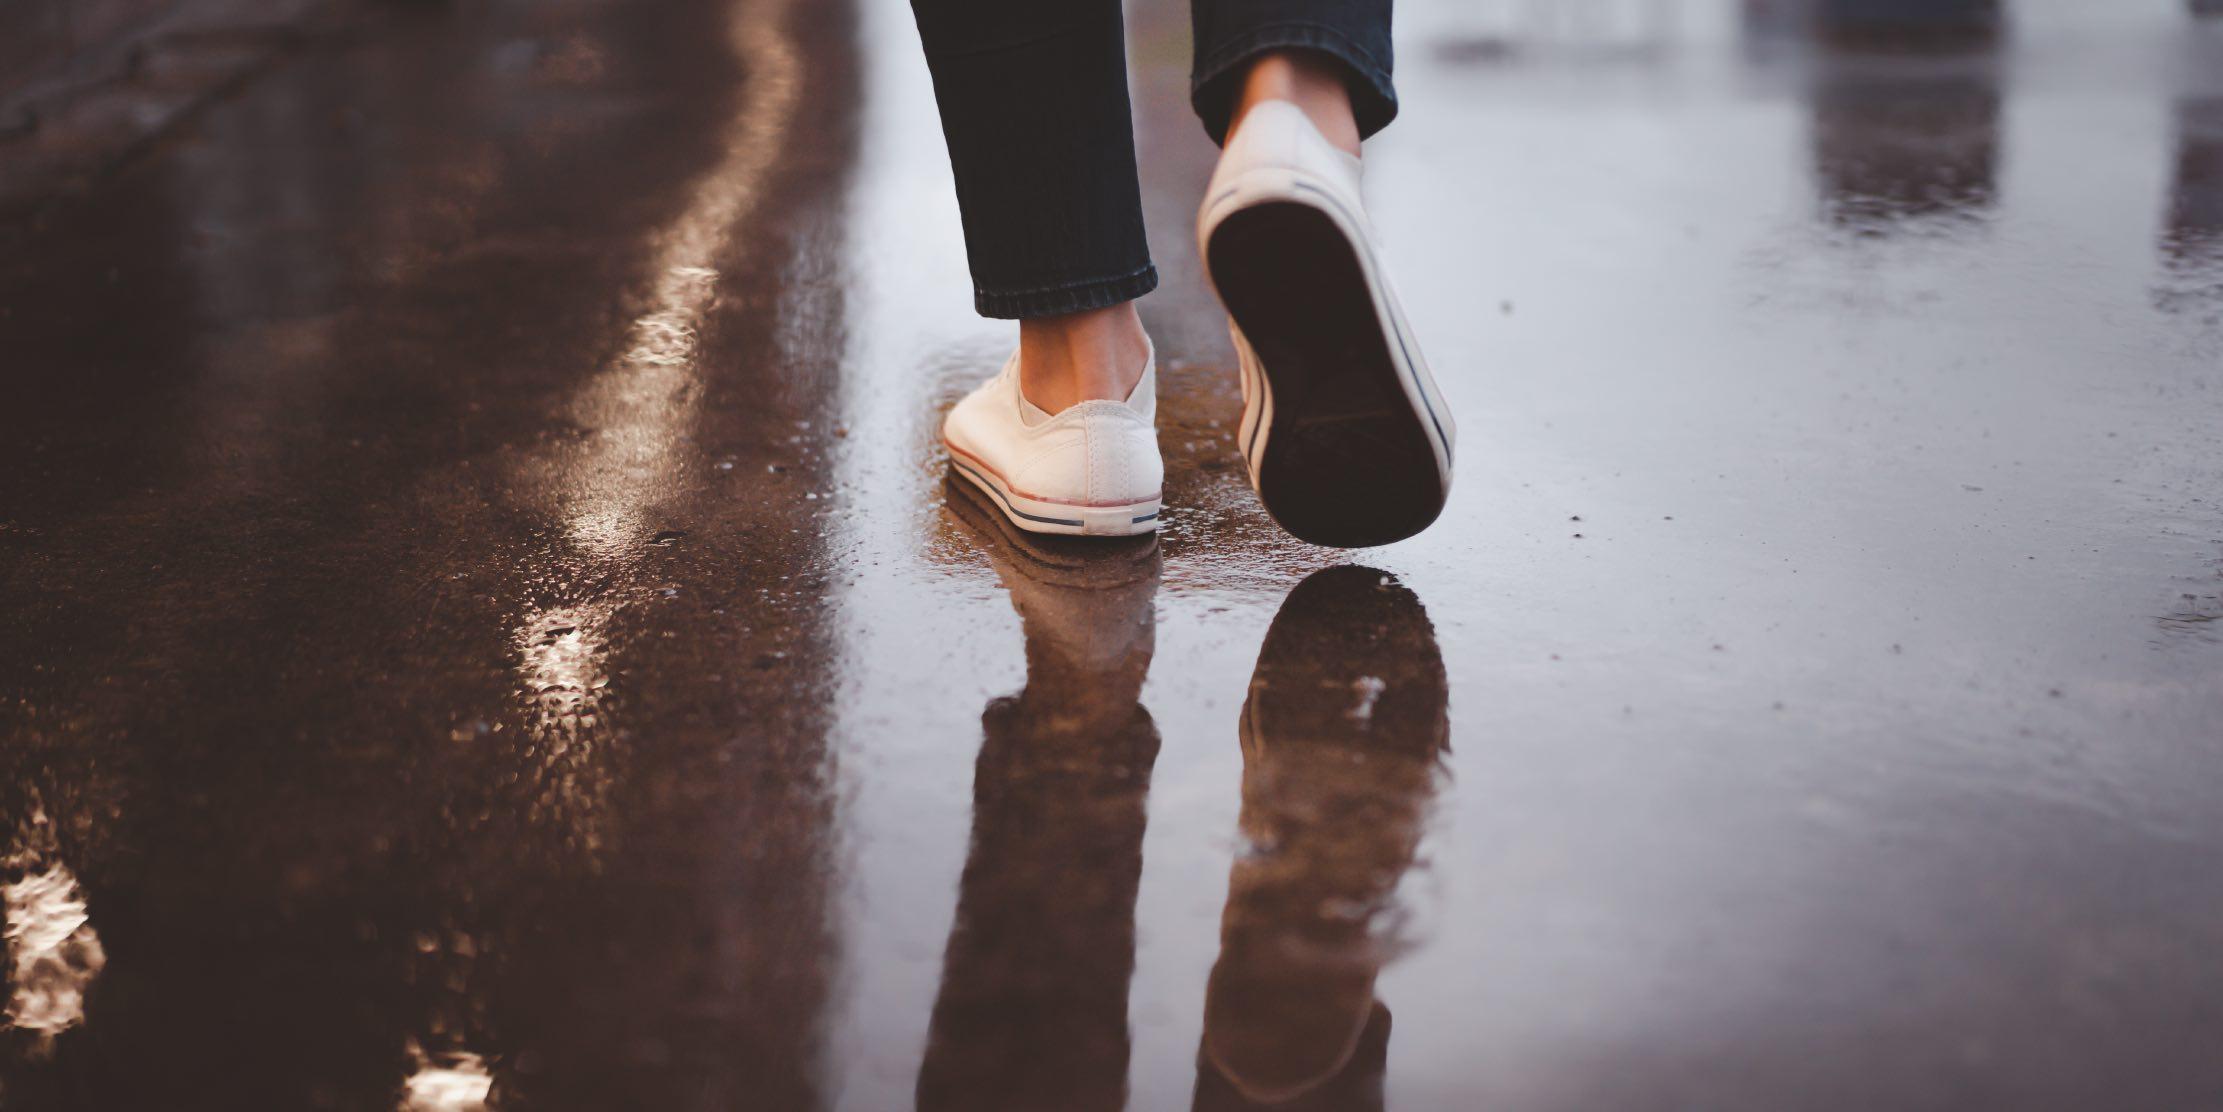 Waterproof Floor - Not